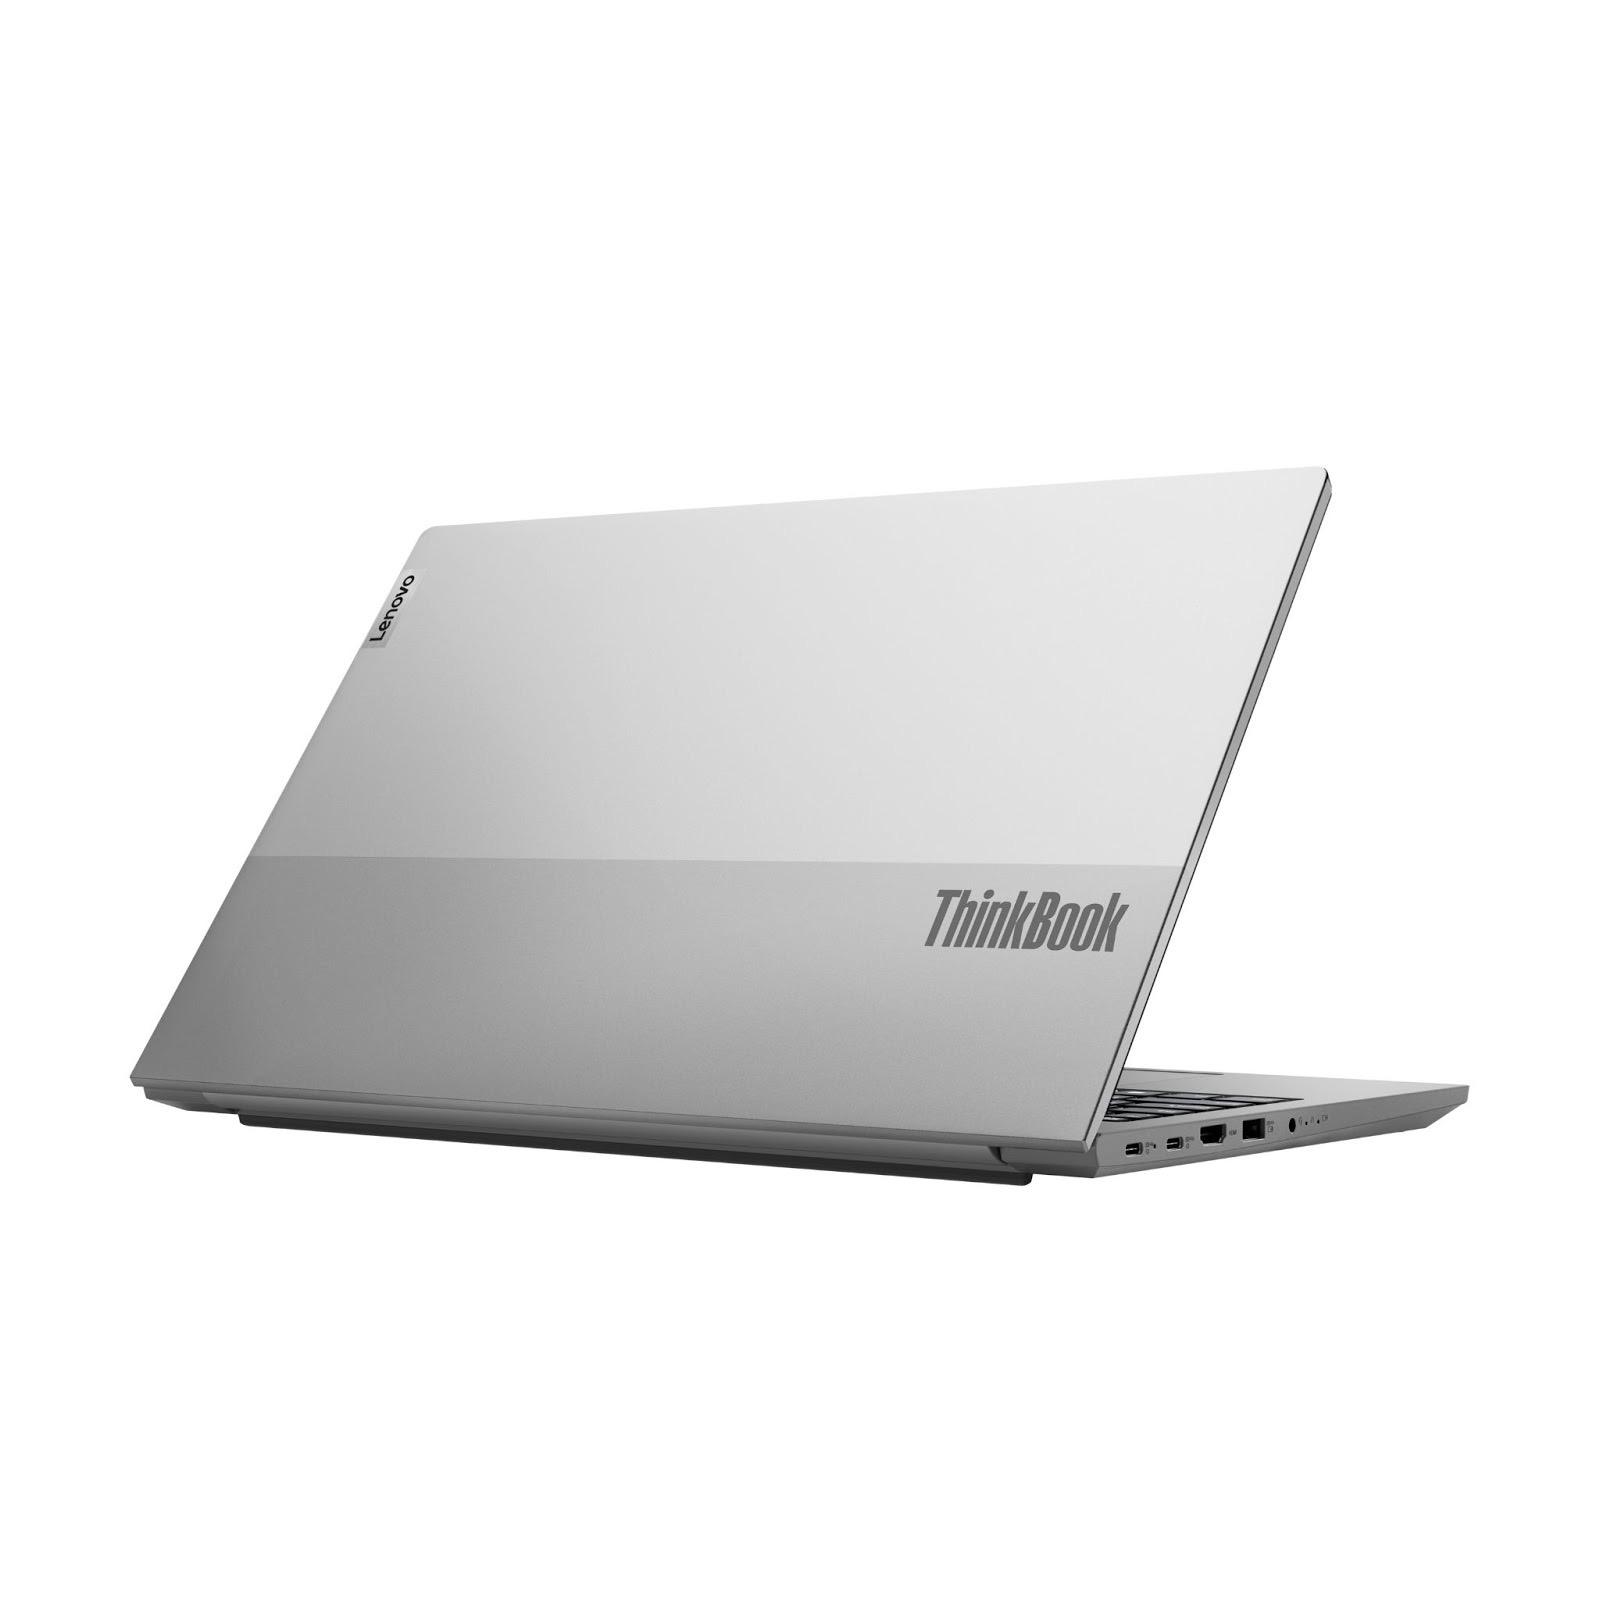 Фото 3. Ноутбук Lenovo ThinkBook 15 Gen 2 ITL (20VE00FPRU)